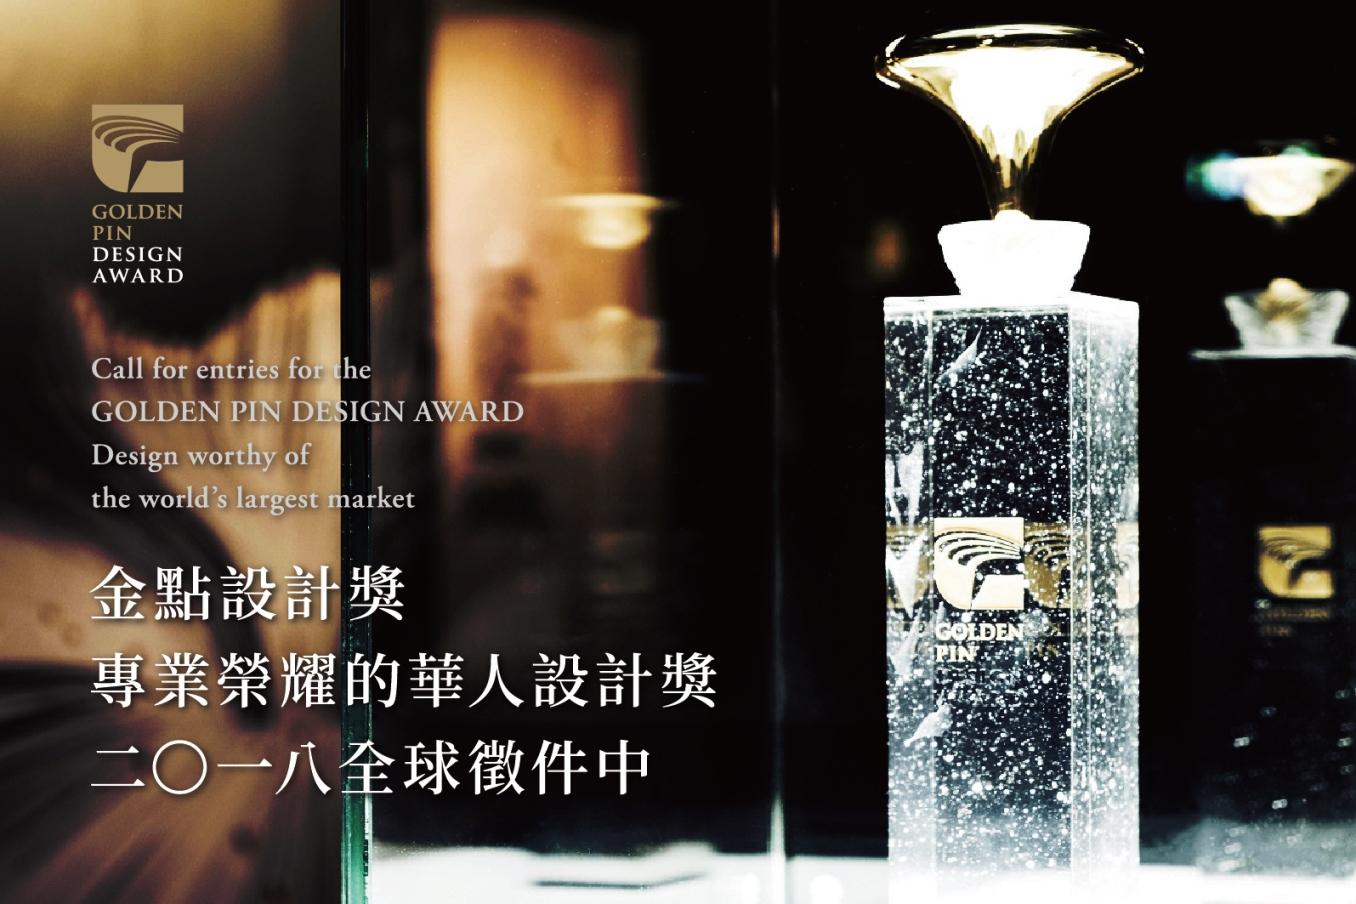 2018金點設計獎徵件倒數七天 鴻海 長榮等知名廠商參賽